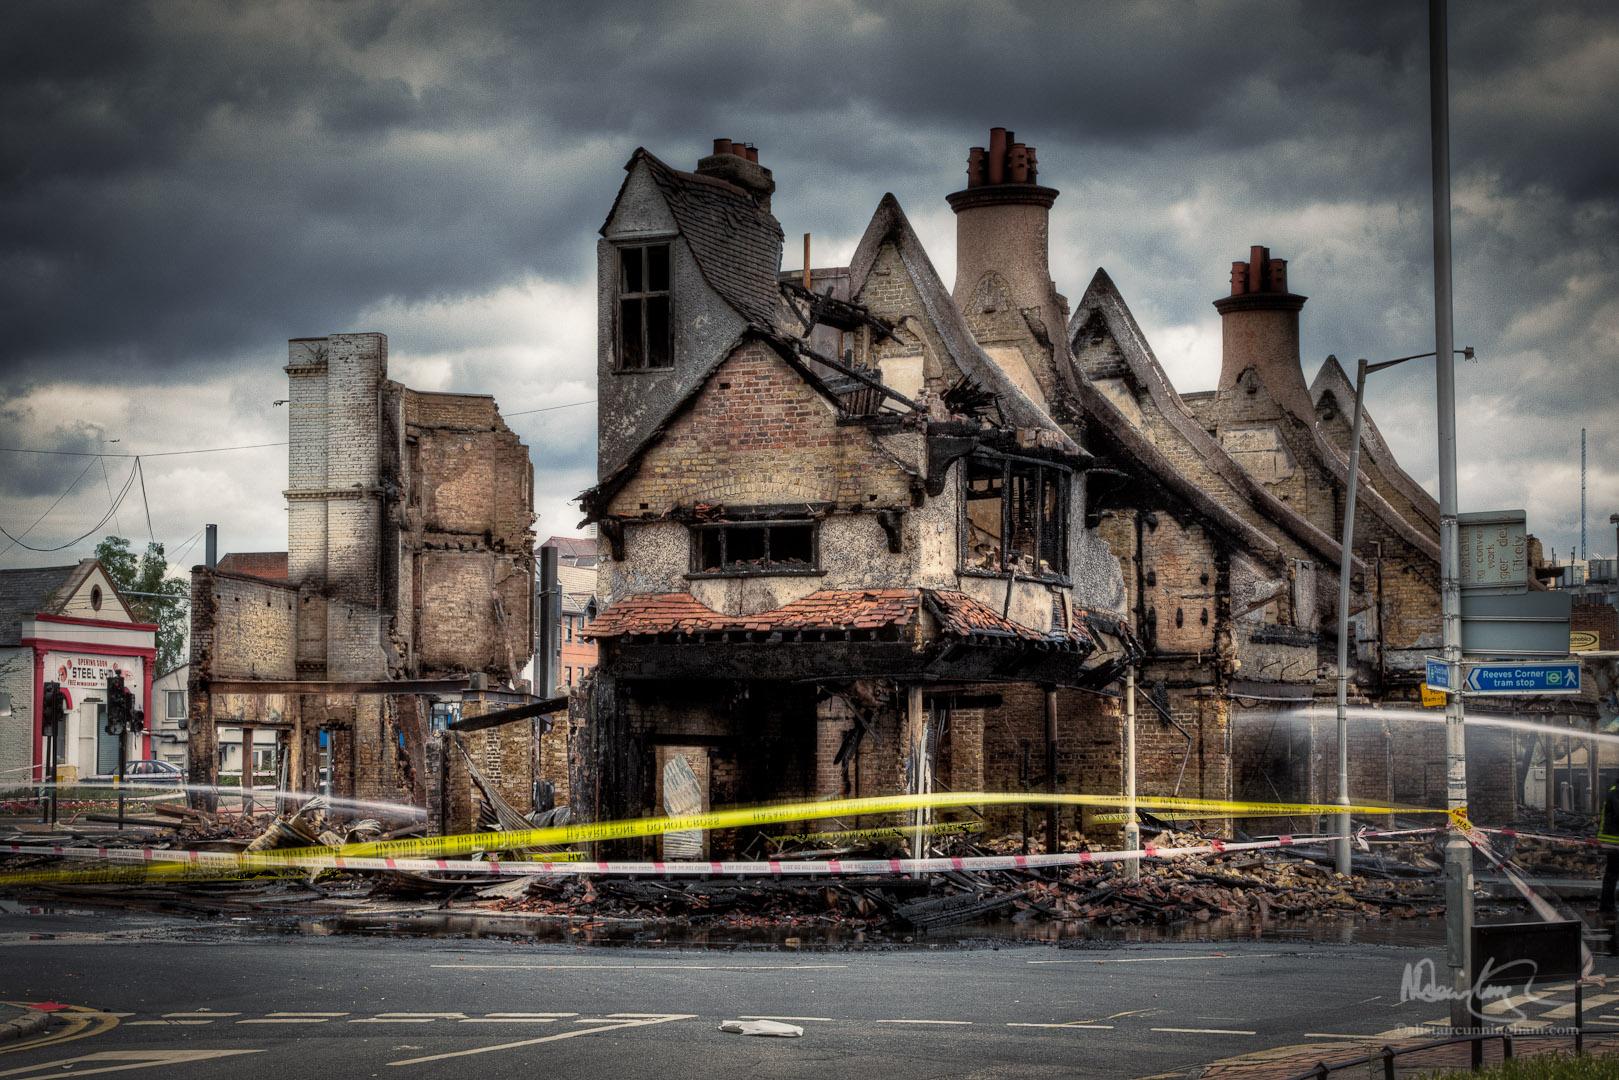 Reeves Corner Fire in Croydon (1)